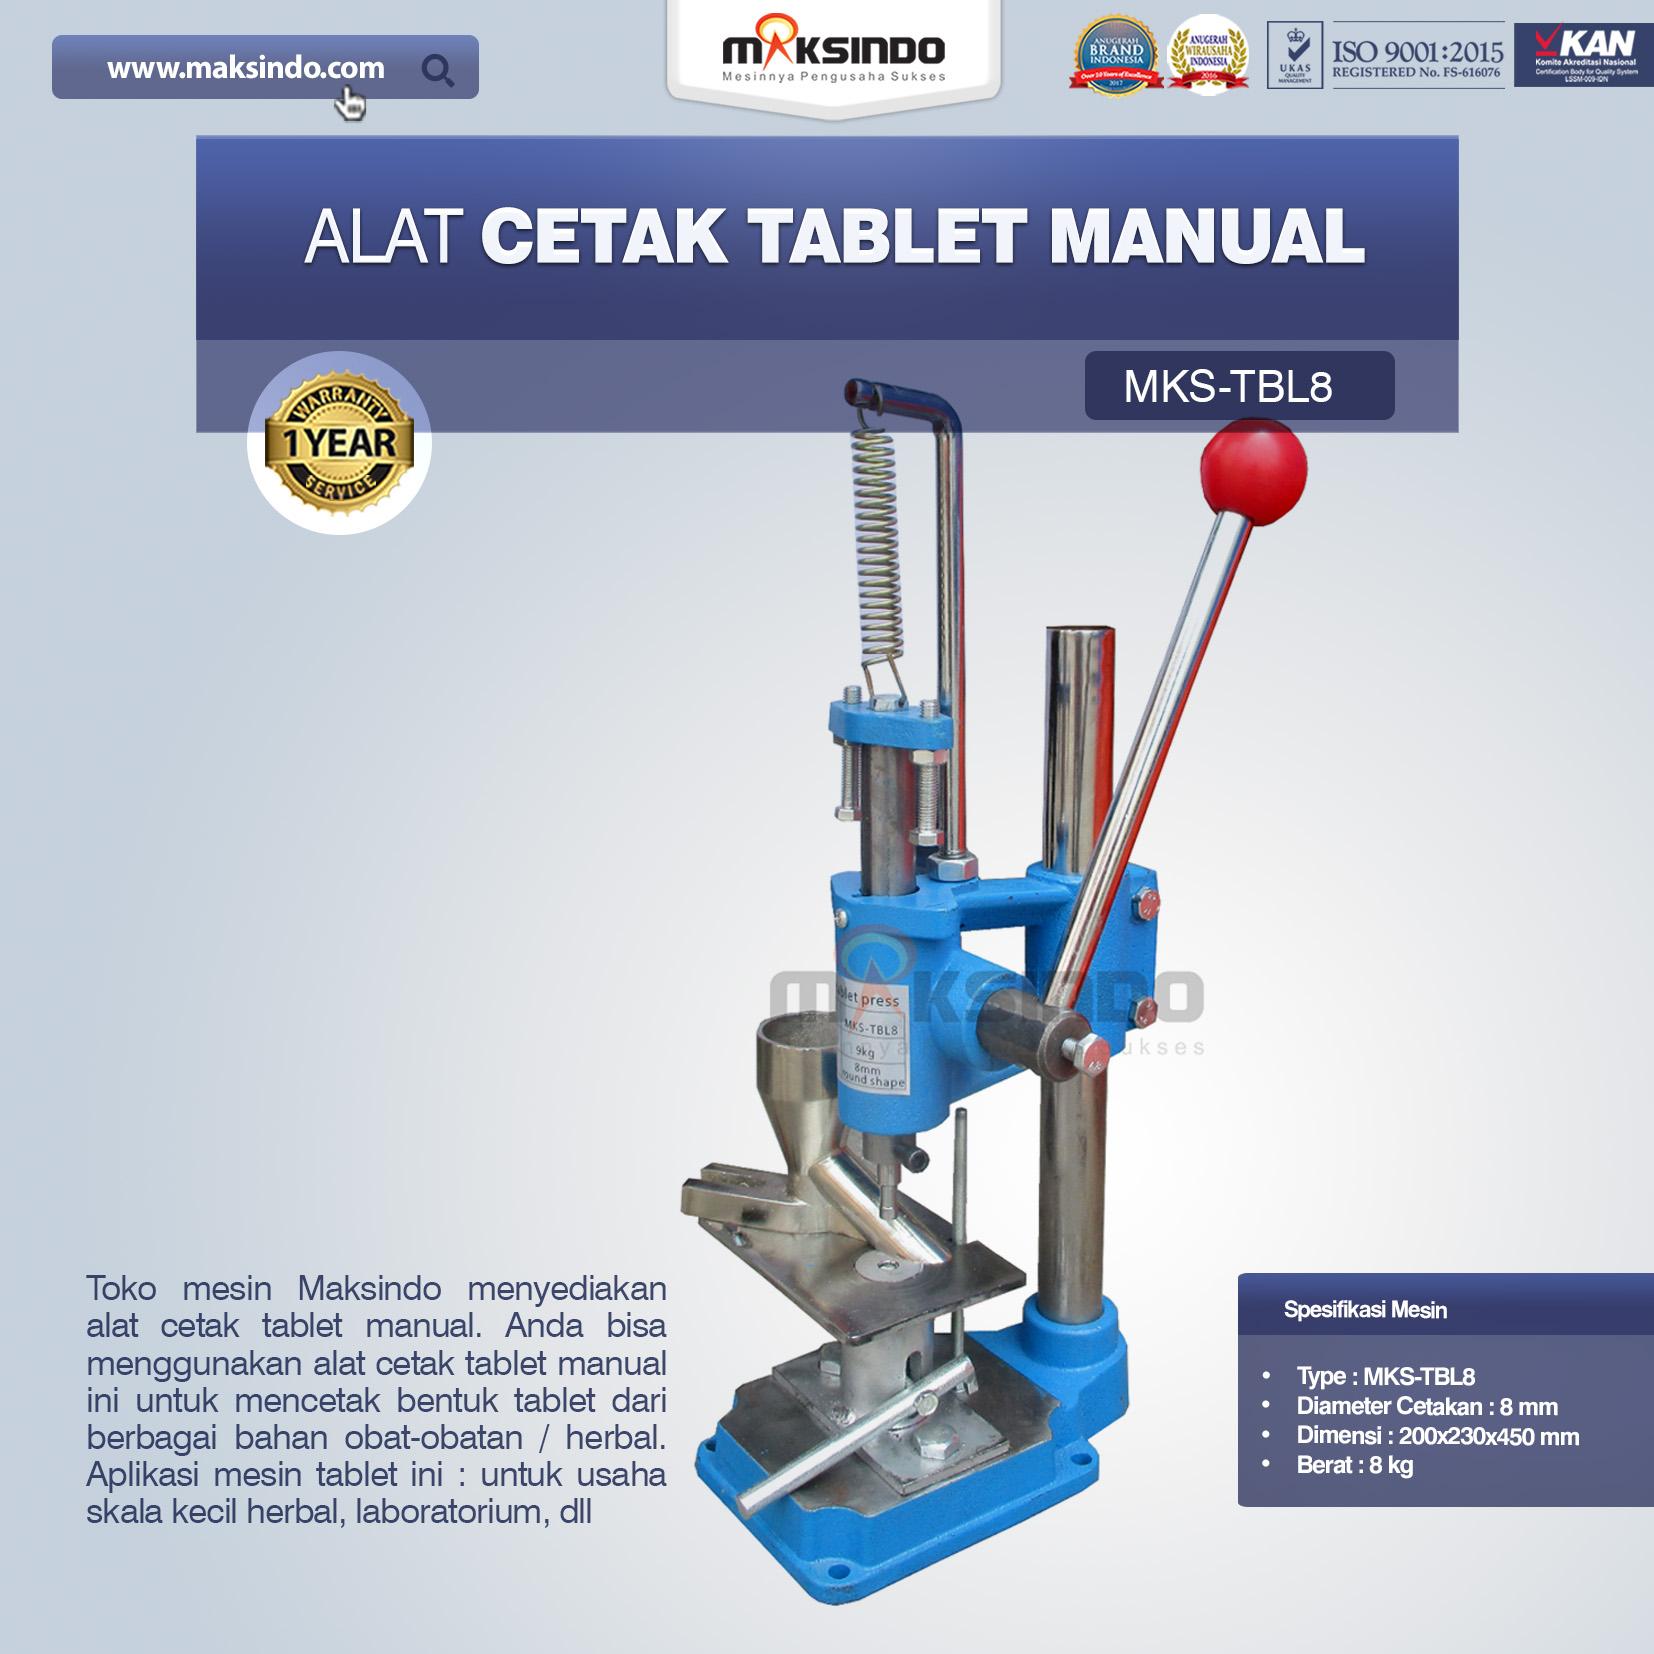 Jual Alat Cetak Tablet ManualMKS-TBL8 di Banjarmasi